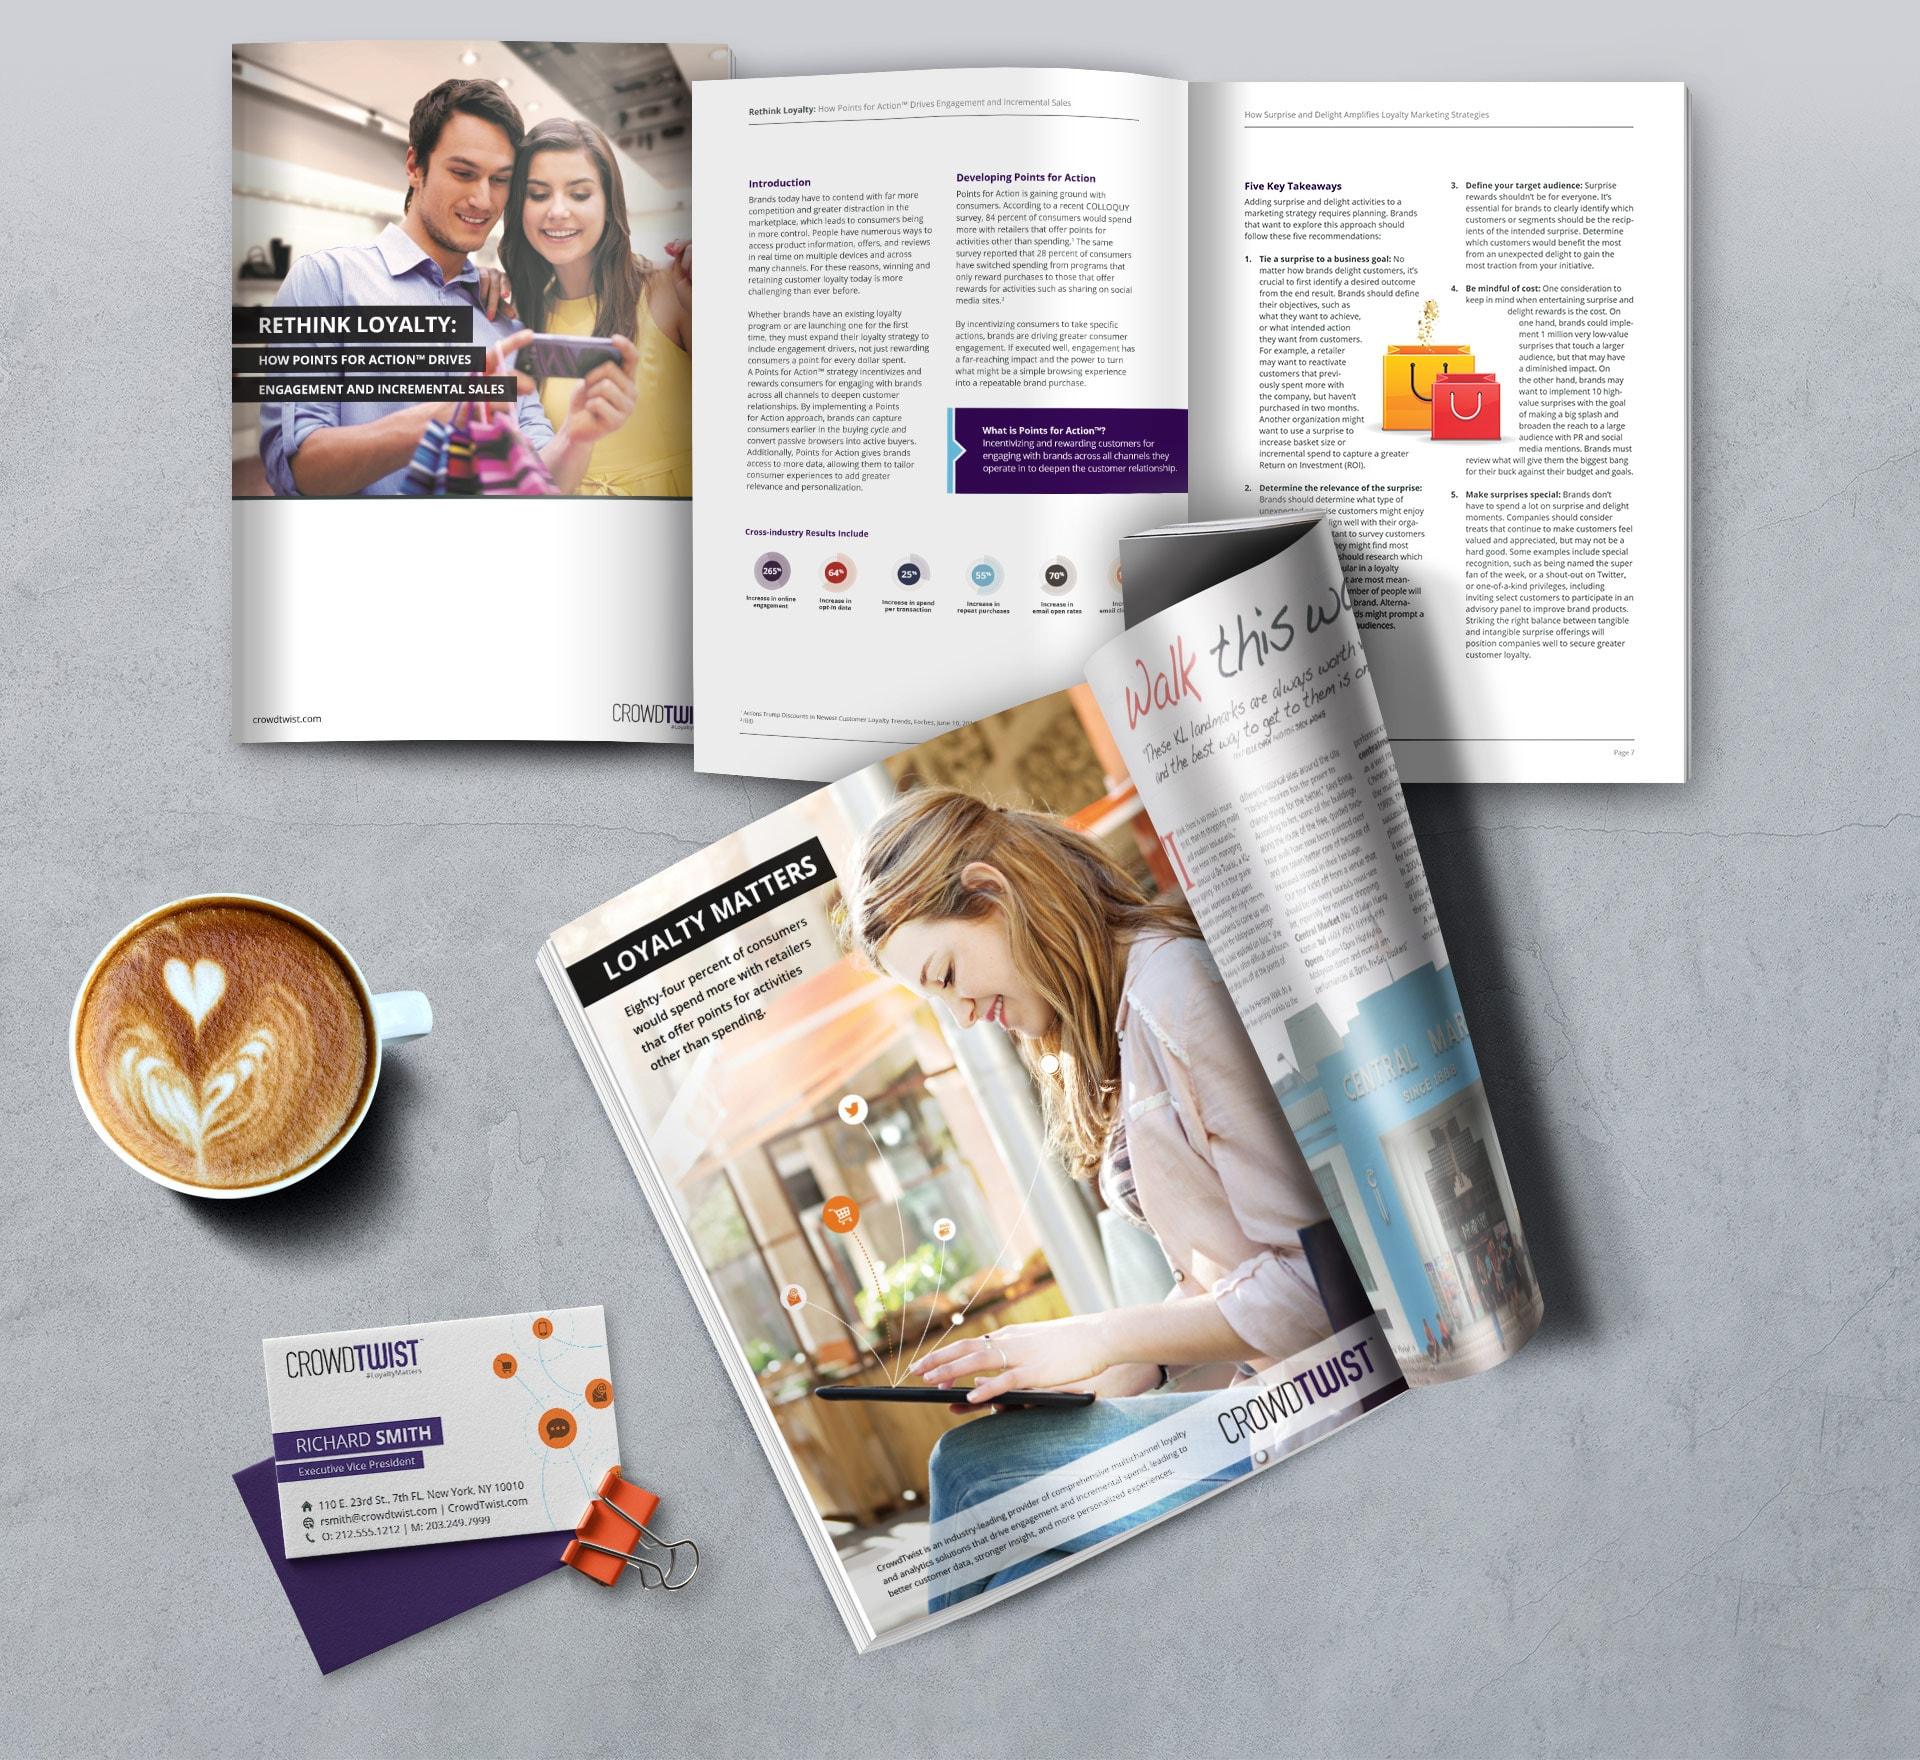 Print Rebranding Examples